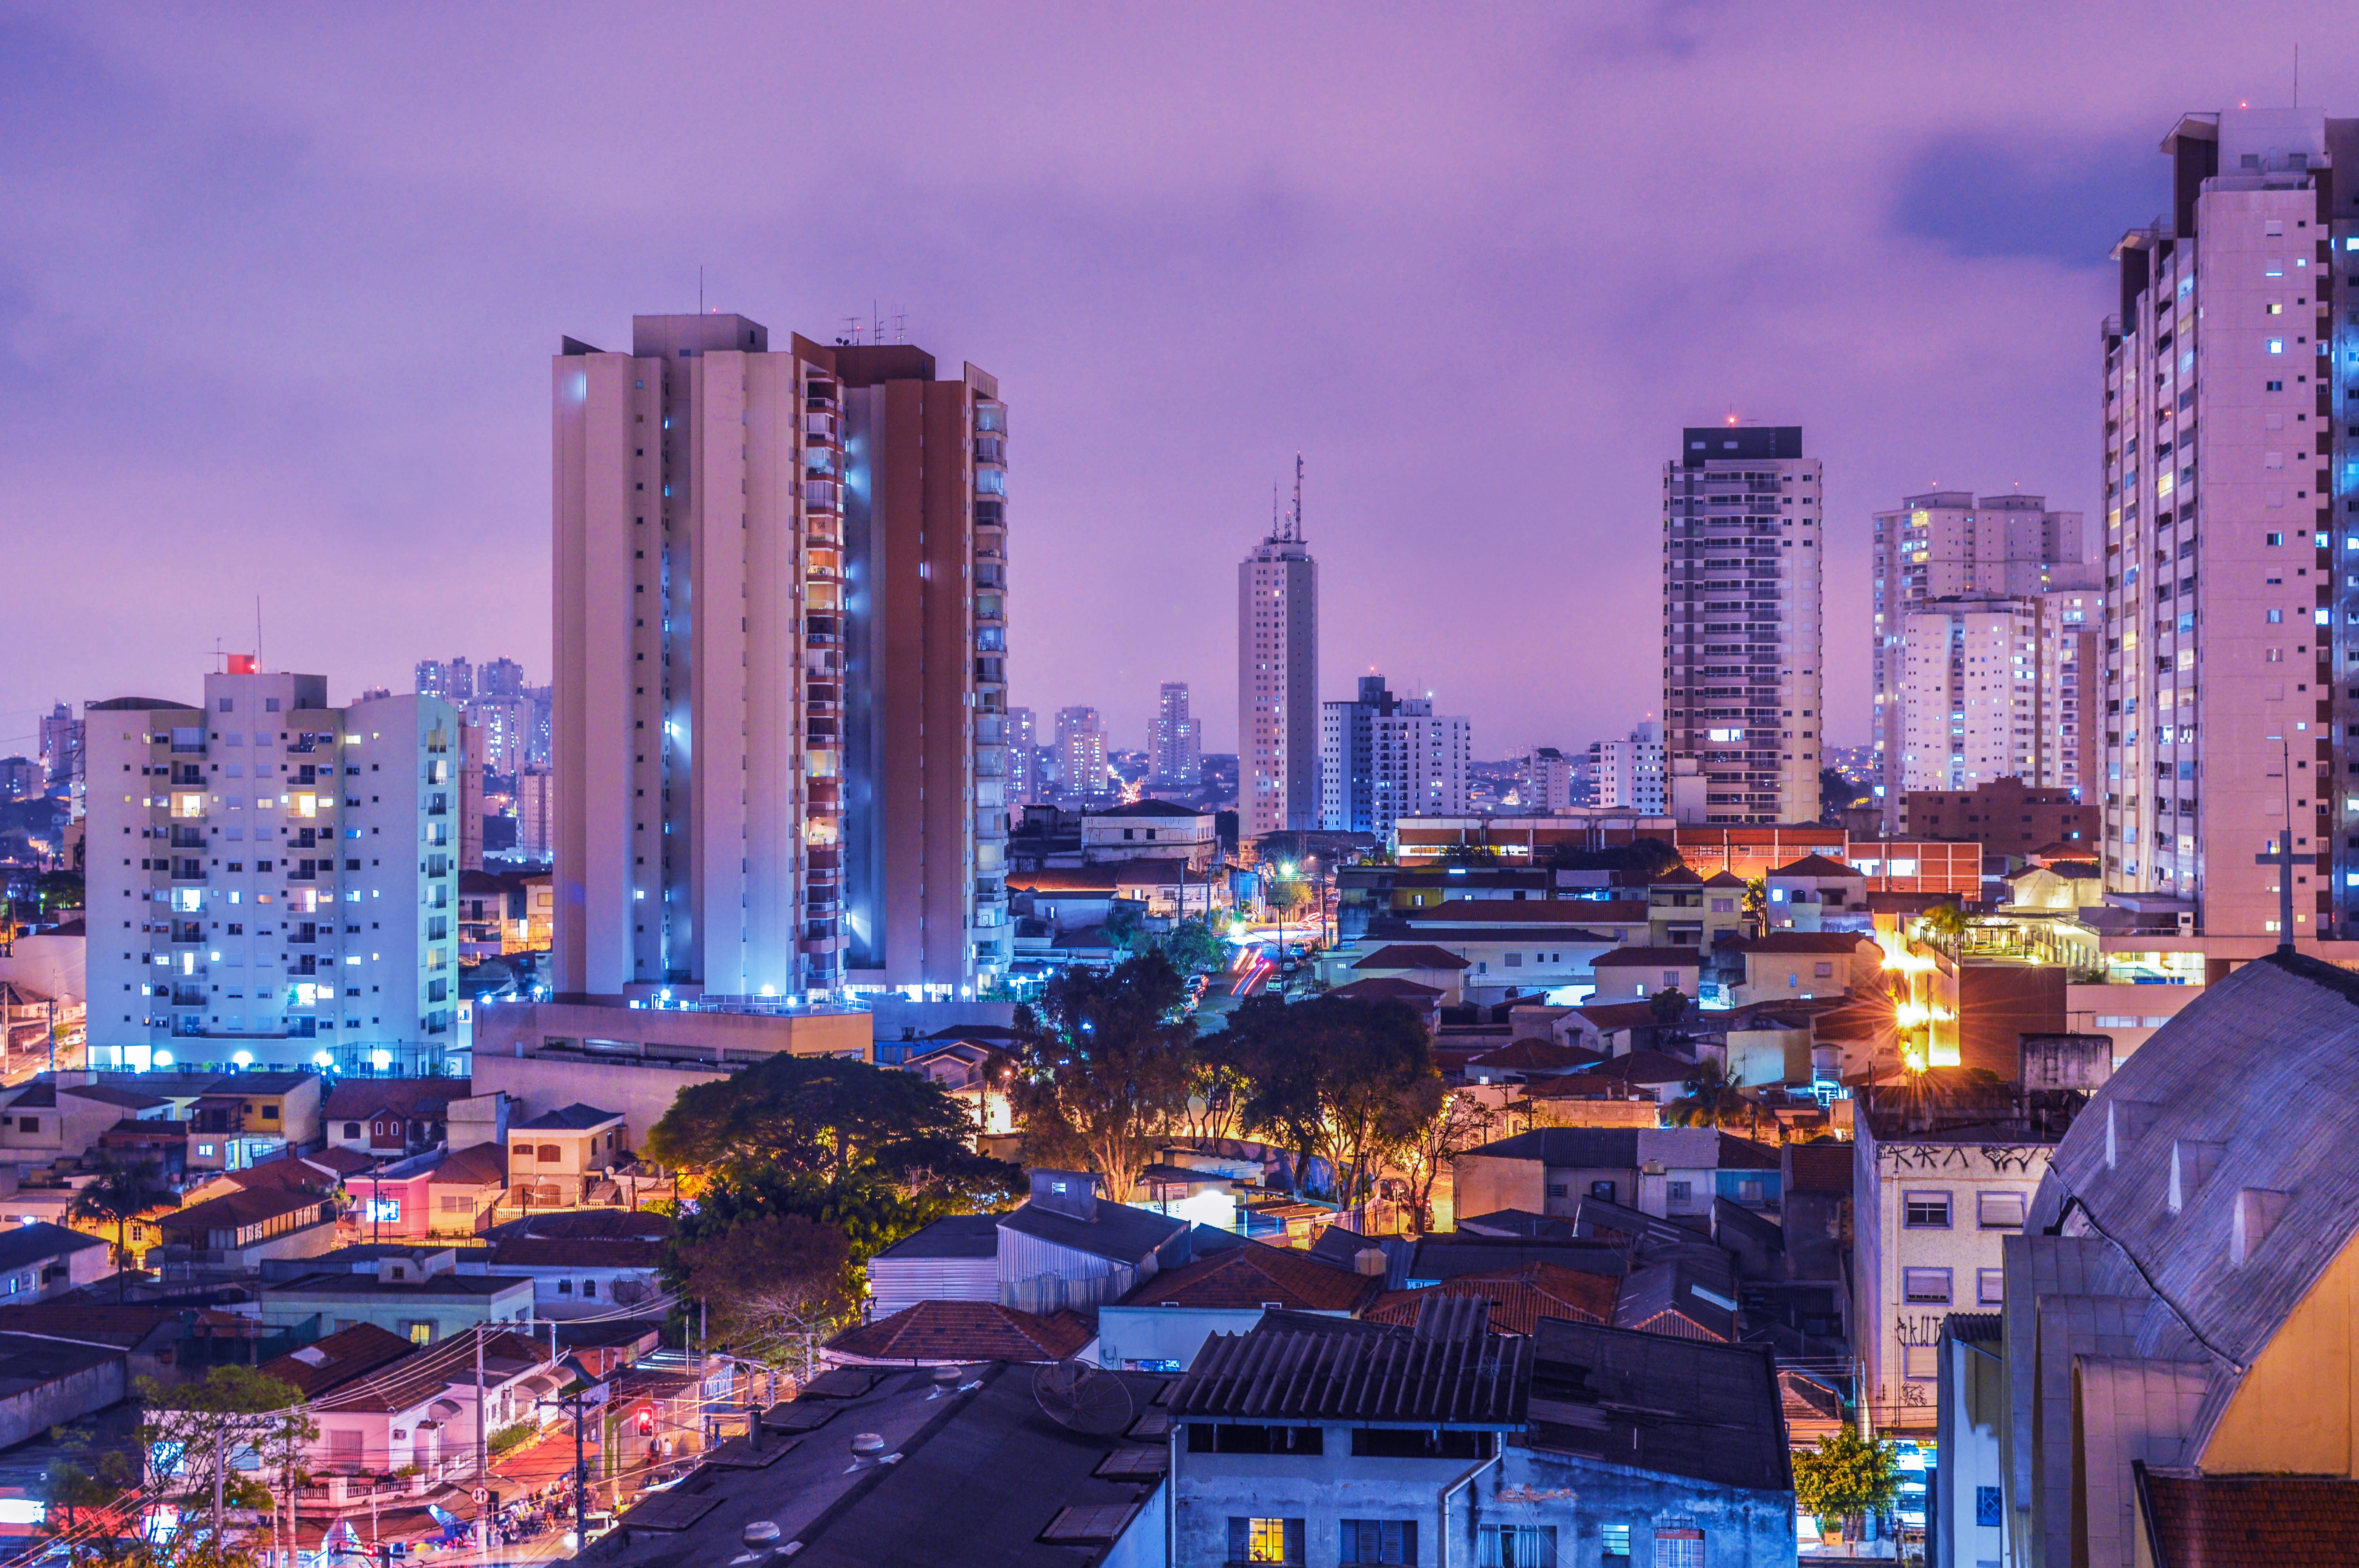 Nachtstrom in der Großstadt